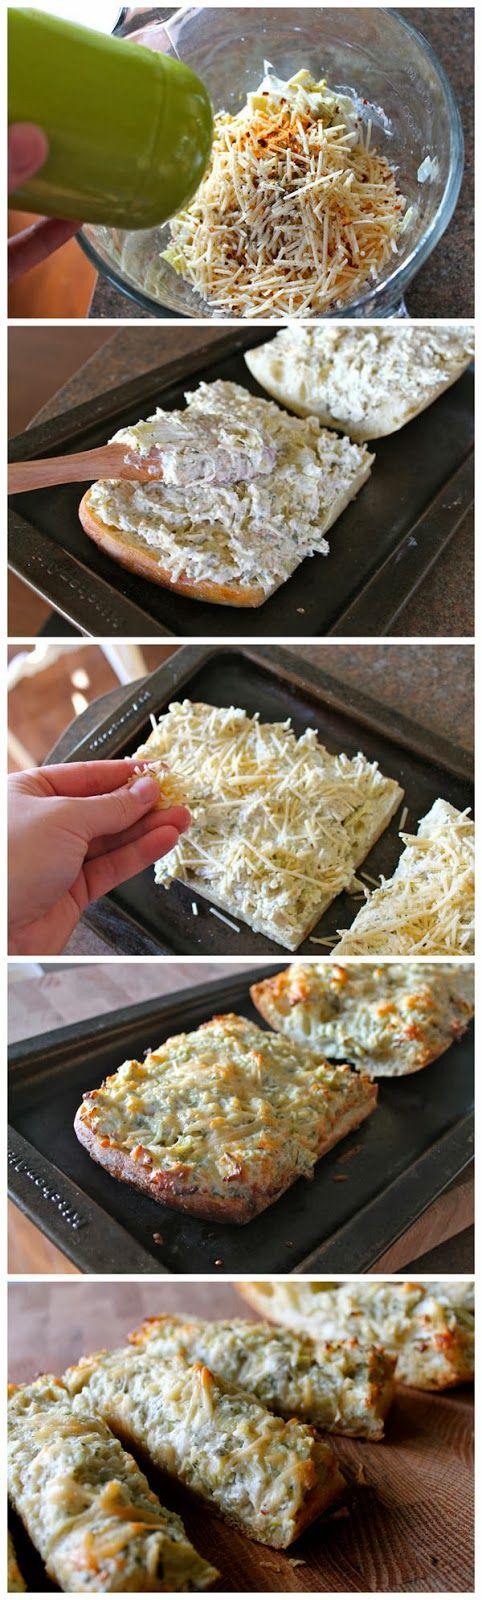 Start Recipes: Easy Artichoke Bread   Food   Pinterest